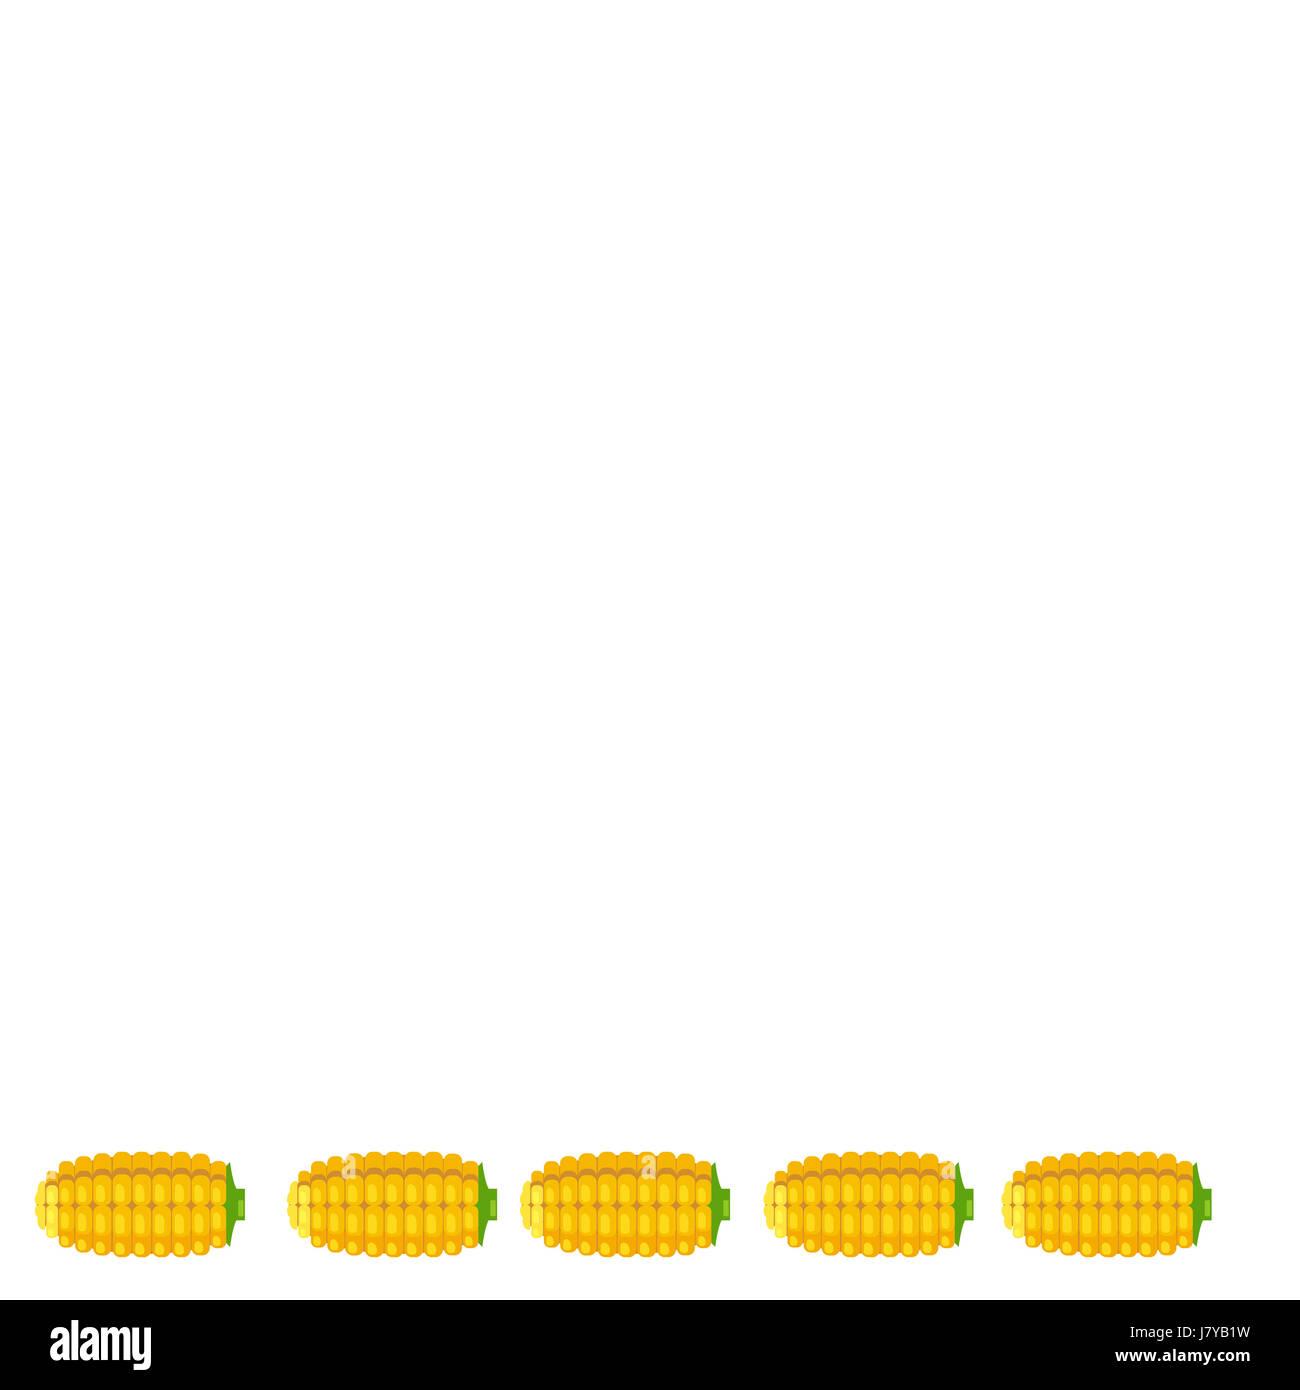 Una illustrazione di calli poste sul fondo su sfondo bianco Immagini Stock